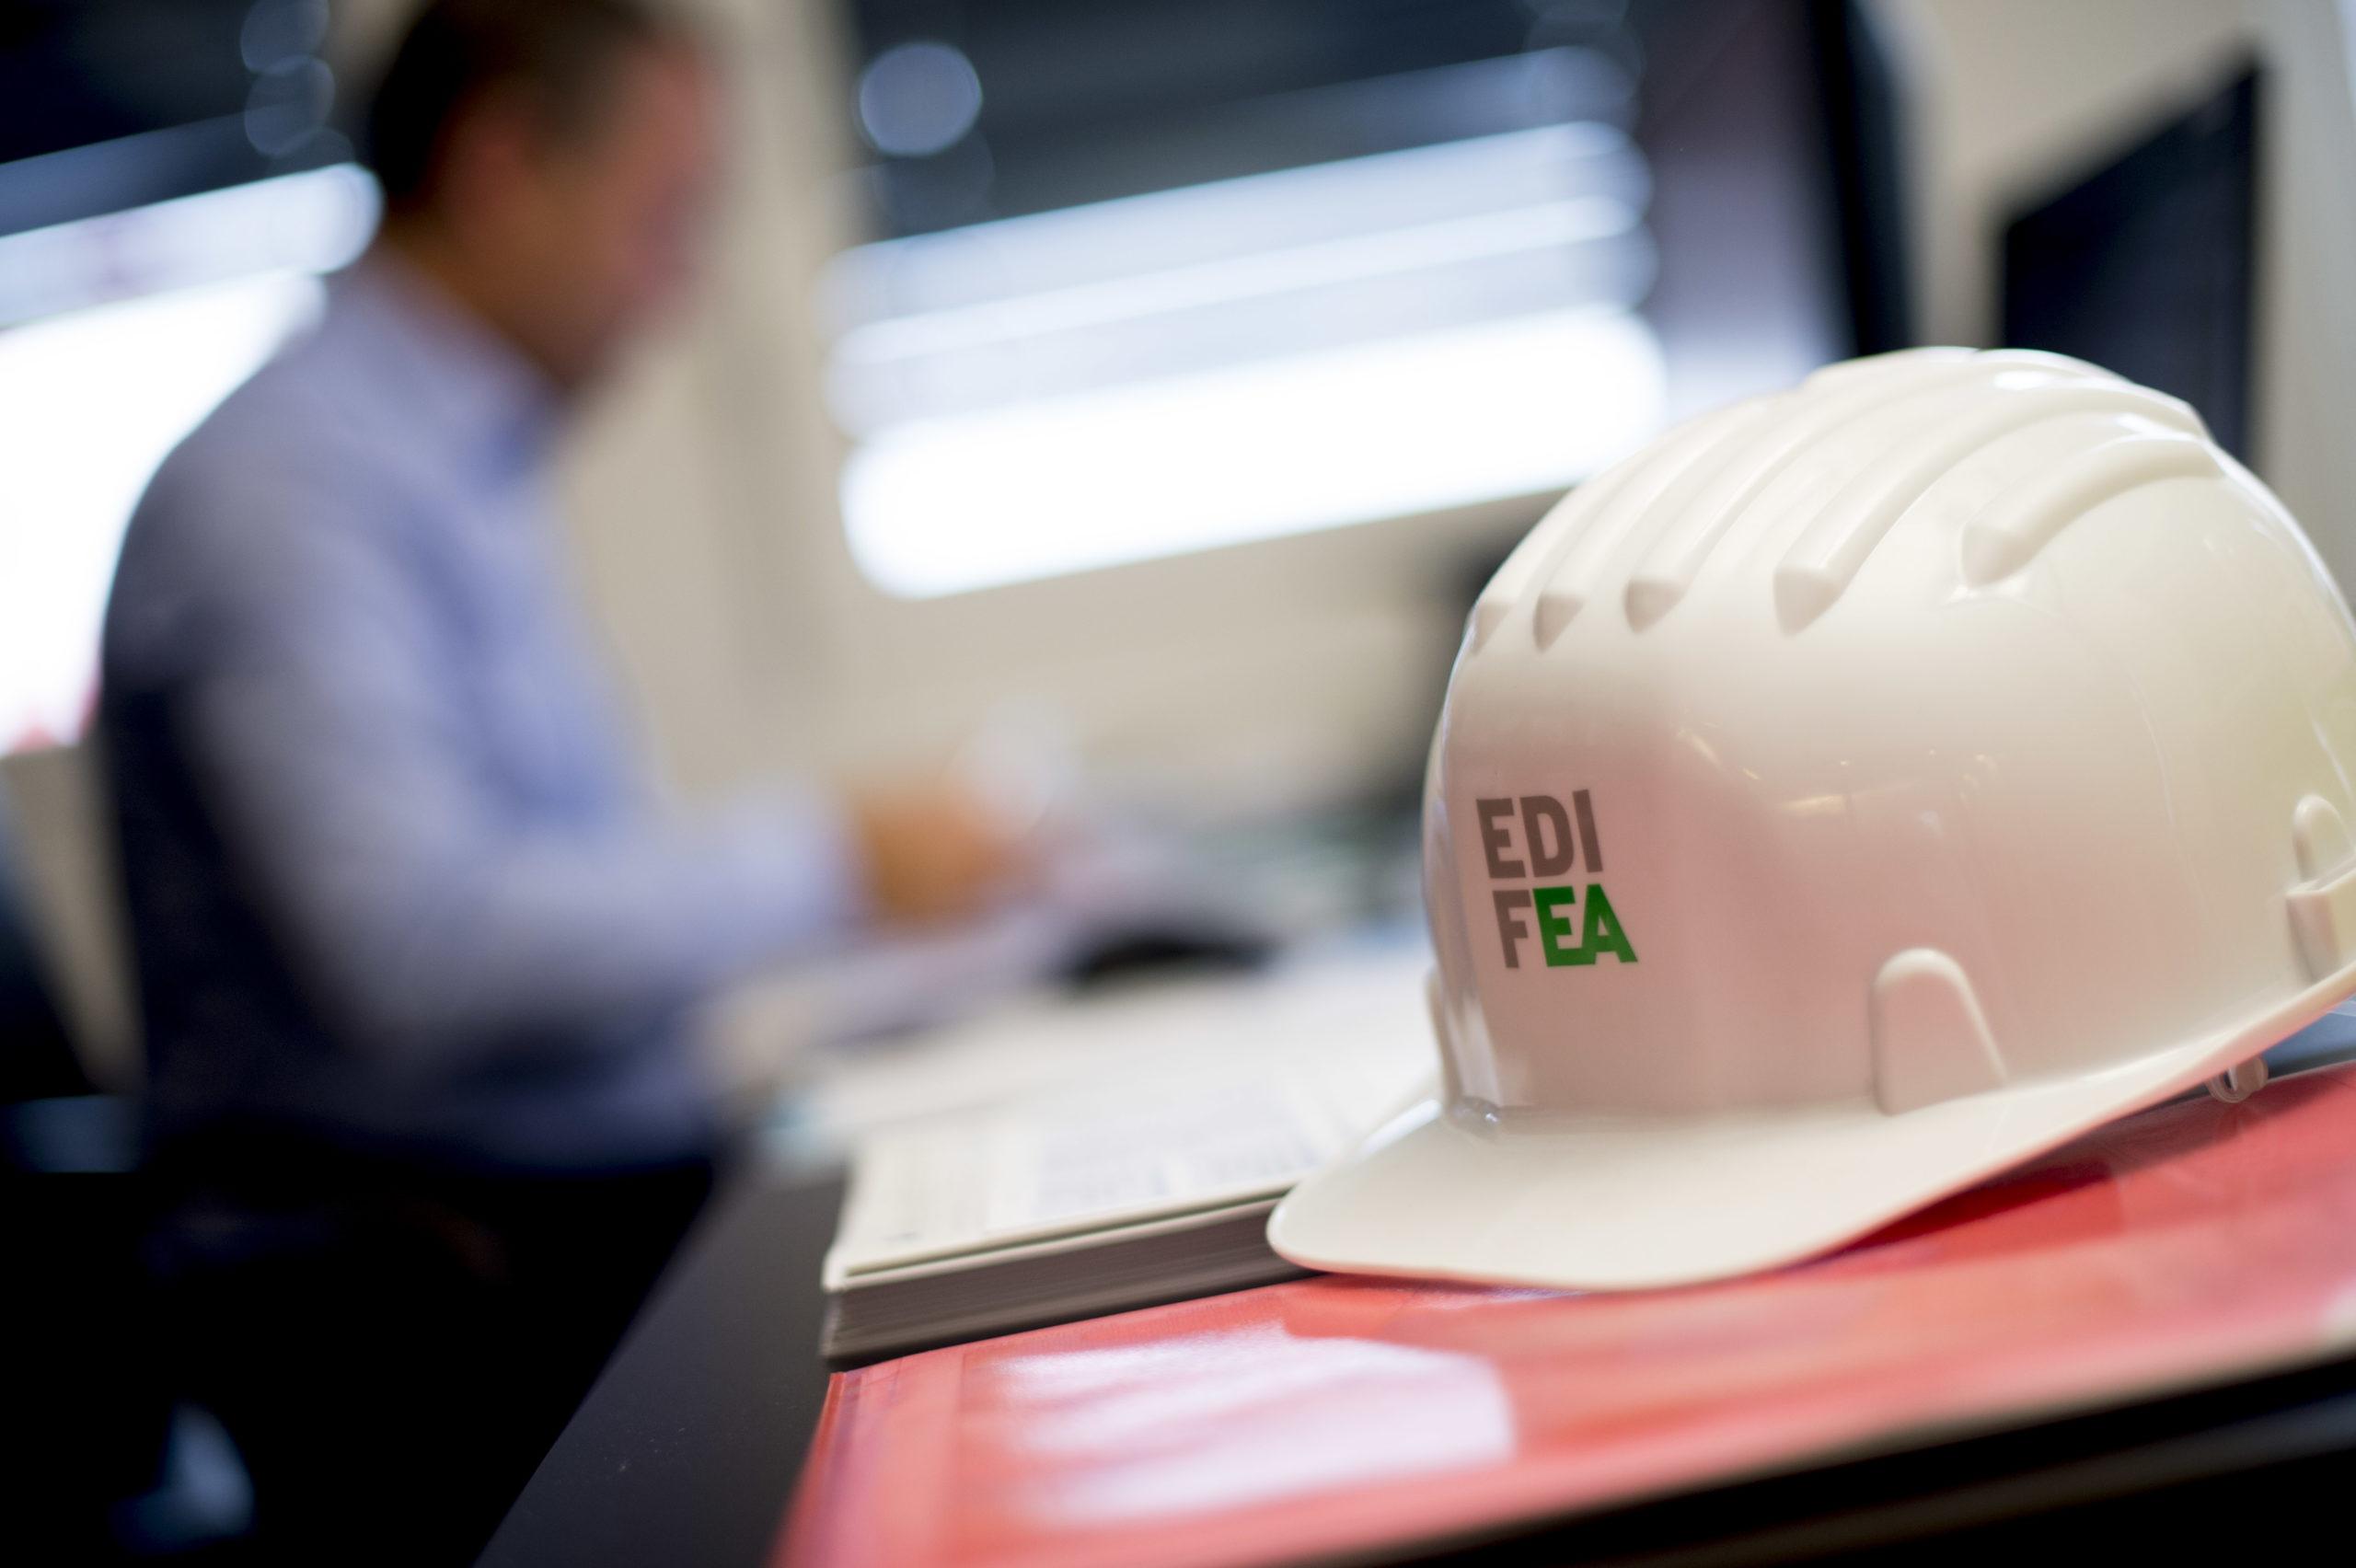 Avec le service PPE EDIFEA, des acquéreurs accompagnés de bout en bout